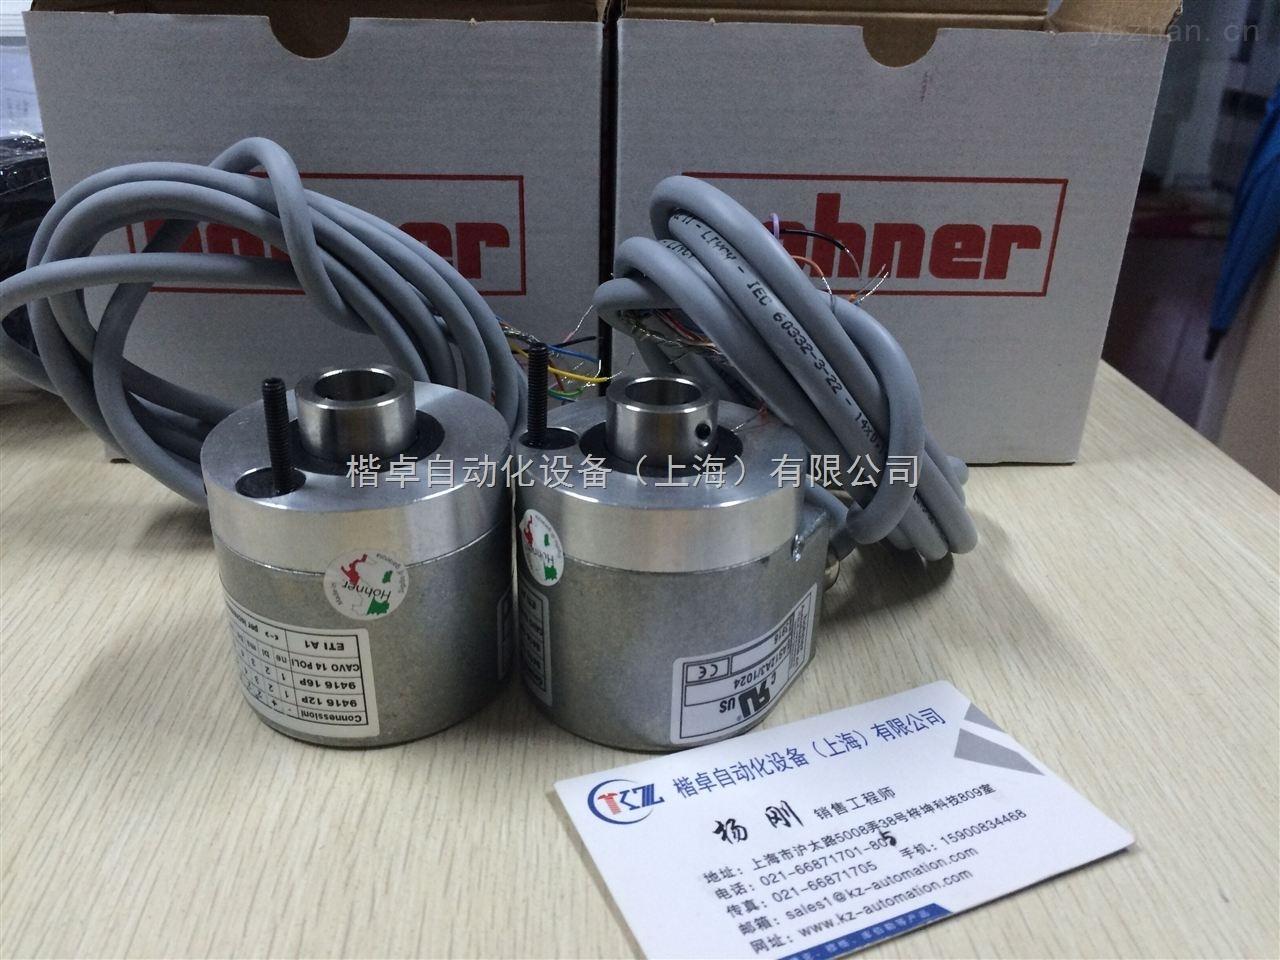 HWI103S-2061R121-2500德國進口一手貨源Hohner編碼器價格